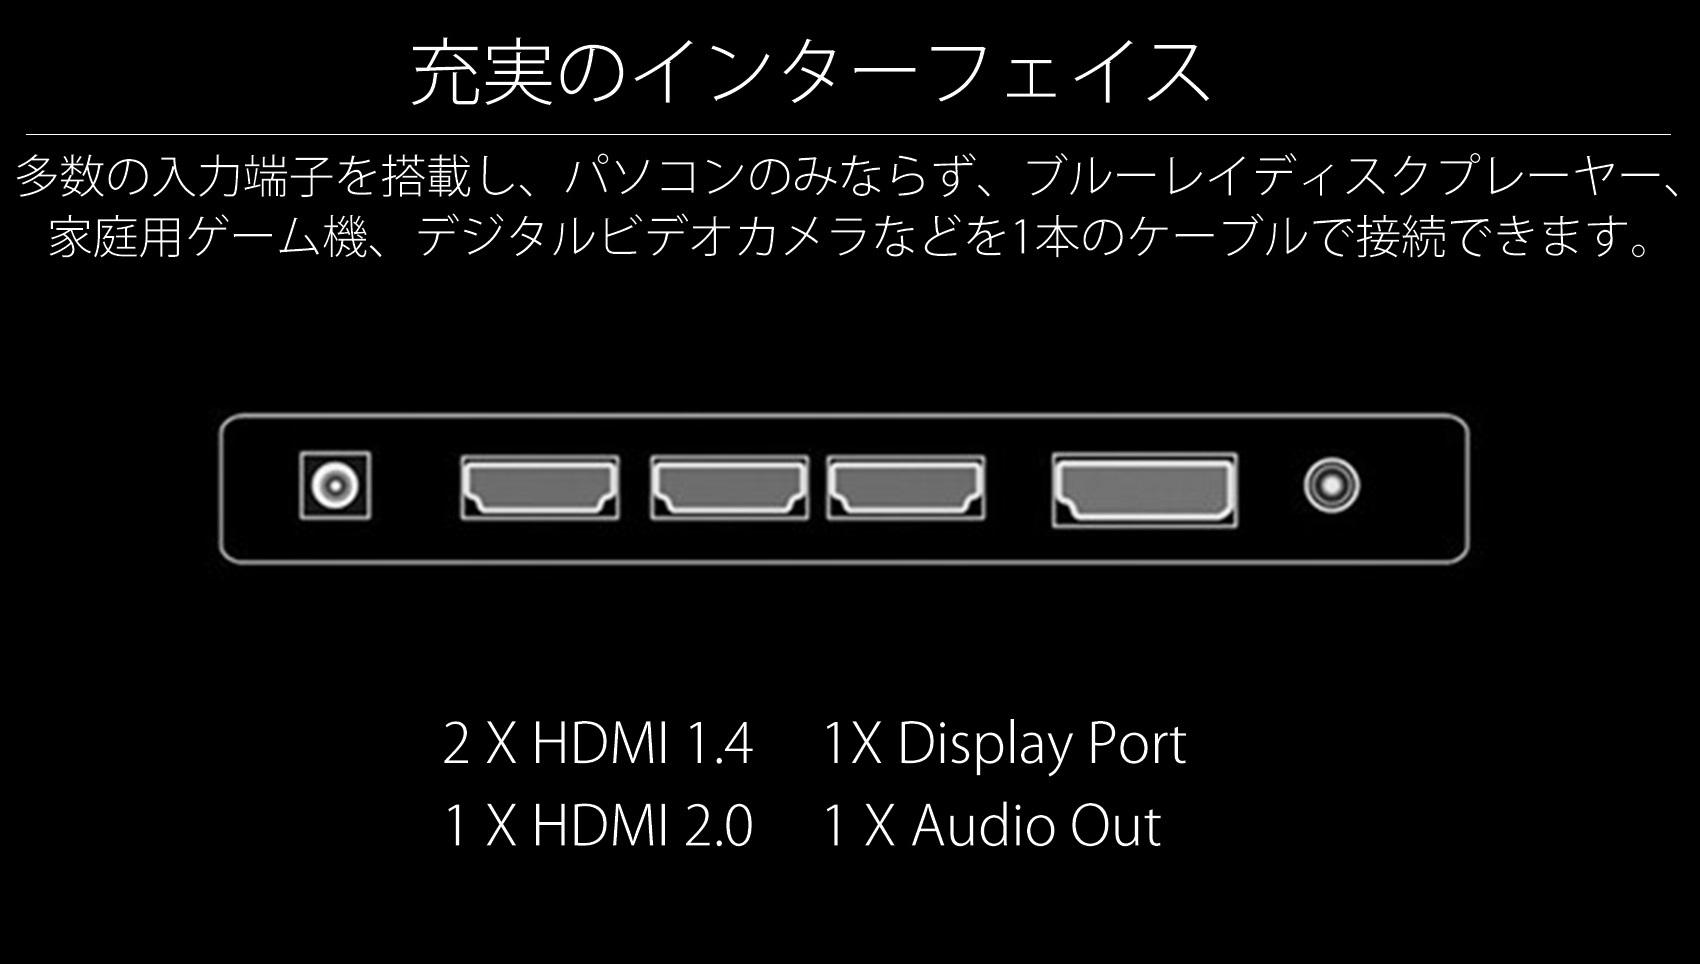 充実のインターフェイス 多数の入力端子を搭載し、パソコンのみならず、ブルーレイディスクプレーヤー、 家庭用ゲーム機、デジタルビデオカメラなどを1本のケーブルで接続できます。」 2 X HDMI 1.4 1 X HDMI 2.0 1x Display Port 1 x Audio Out